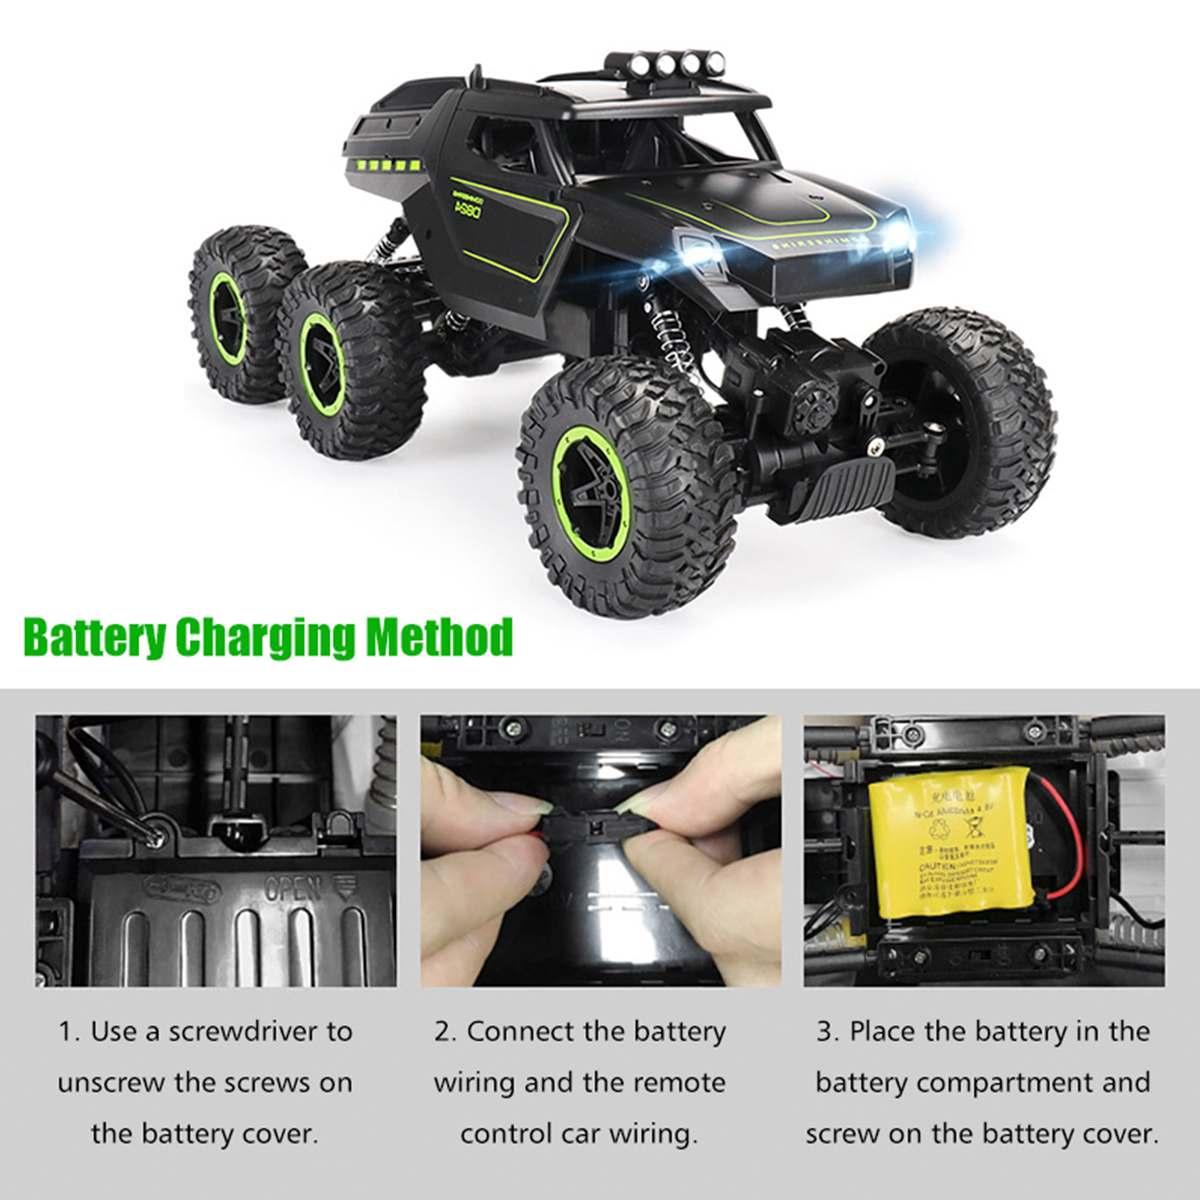 1/12 6WD tout-terrain voiture lecteur grimpeur avec échelle de phare 2.4 GHz RC camion jouet cadeau de noël pour enfants et adultes - 2